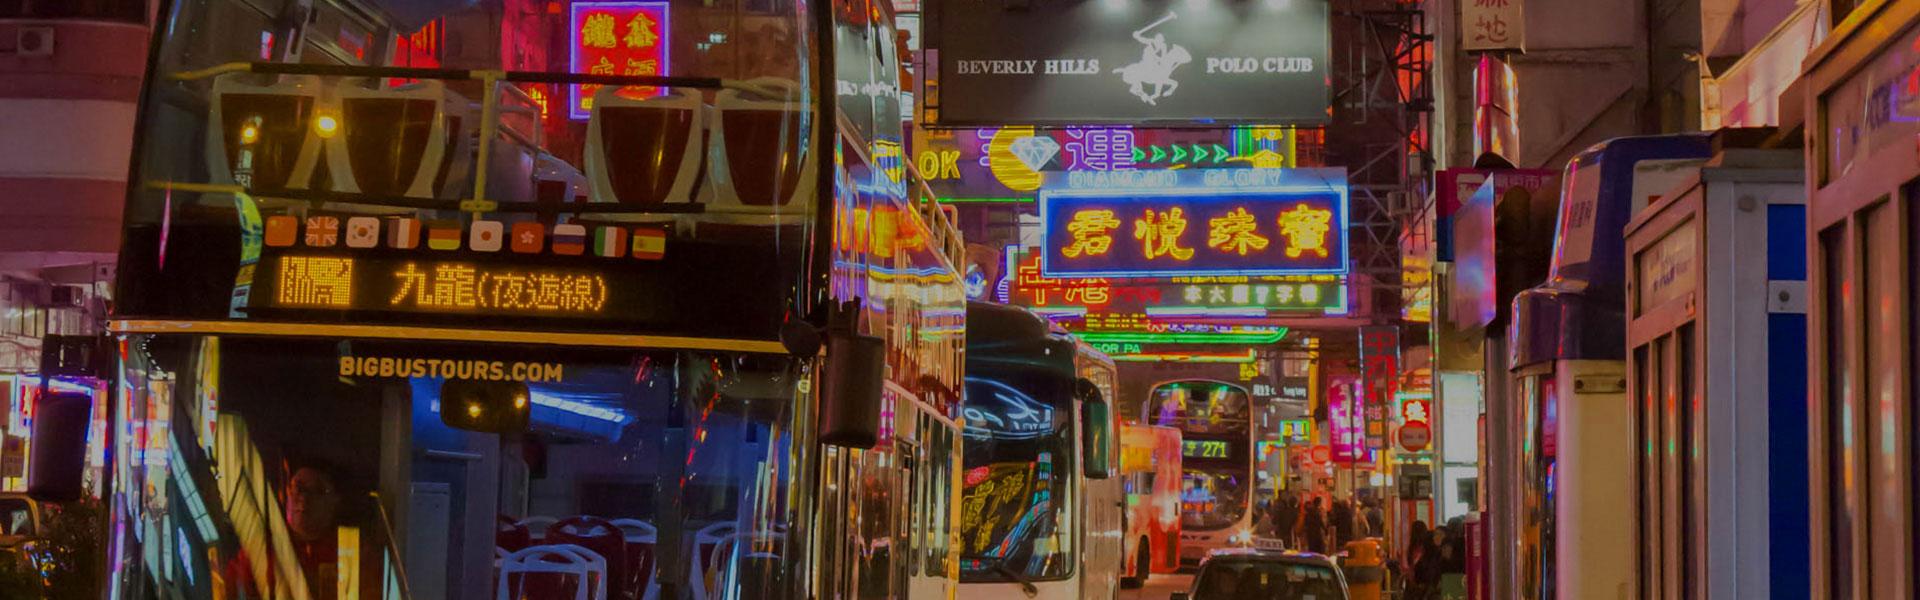 Big Bus in Hong Kong at night